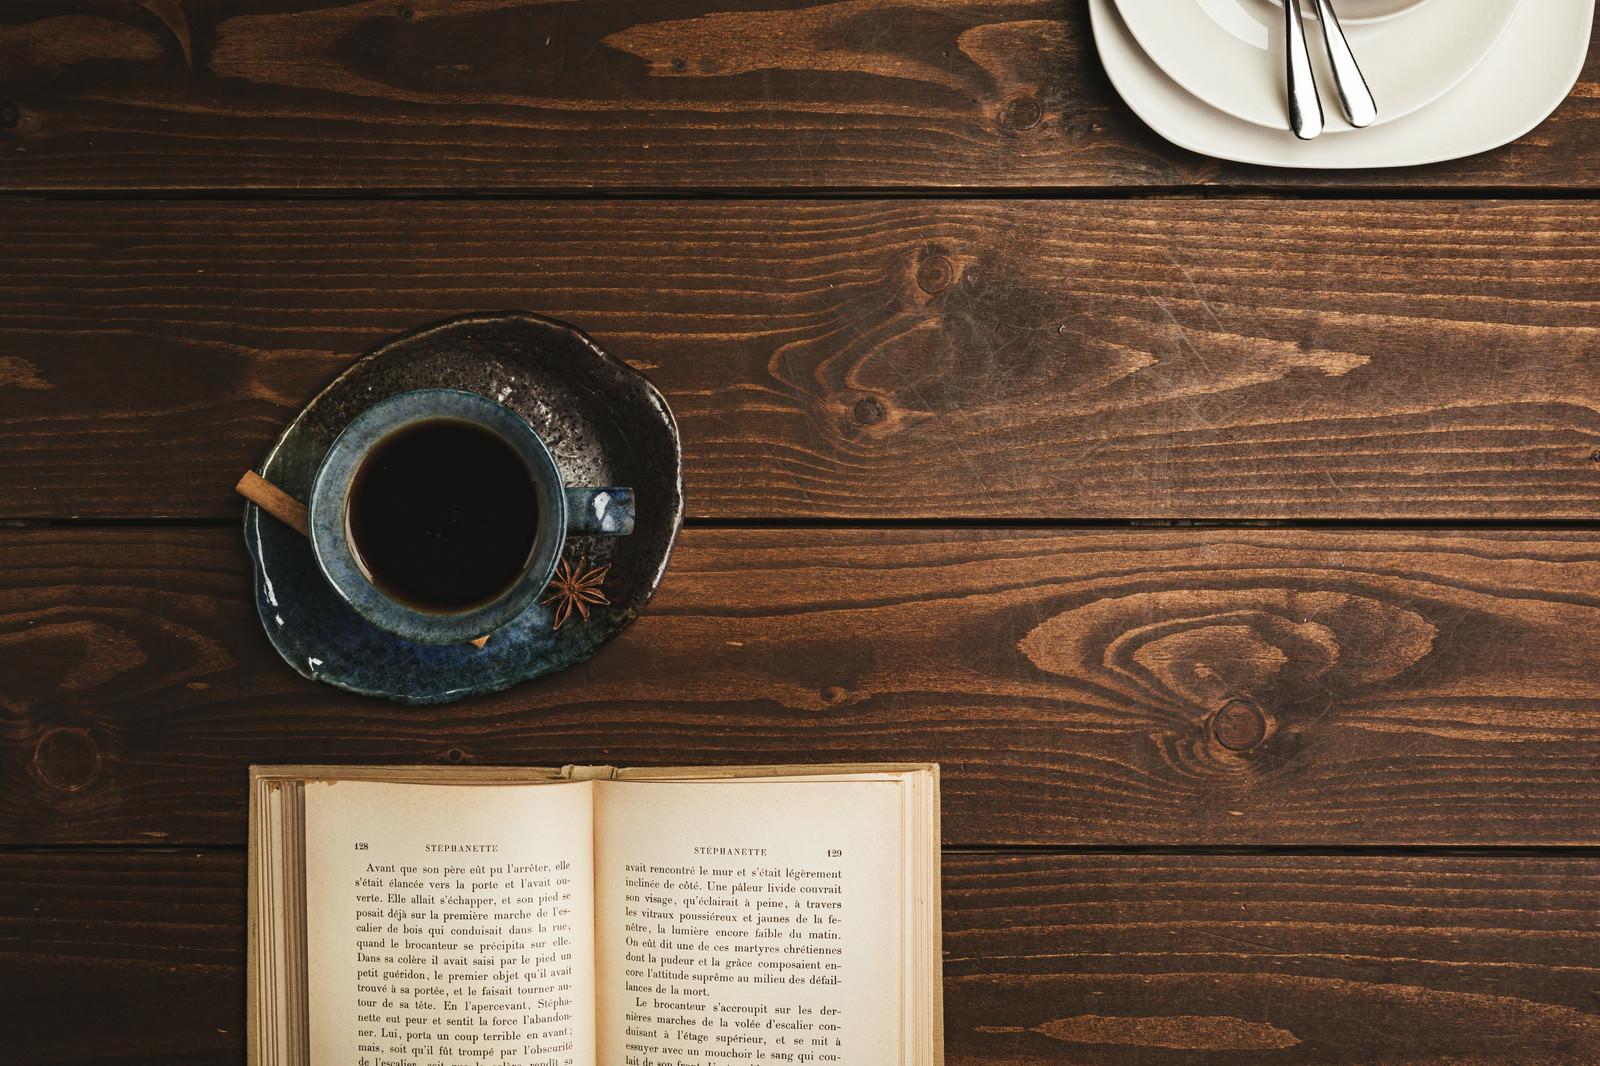 「喫茶店のテーブルに置かれた洋書とコーヒー」の写真